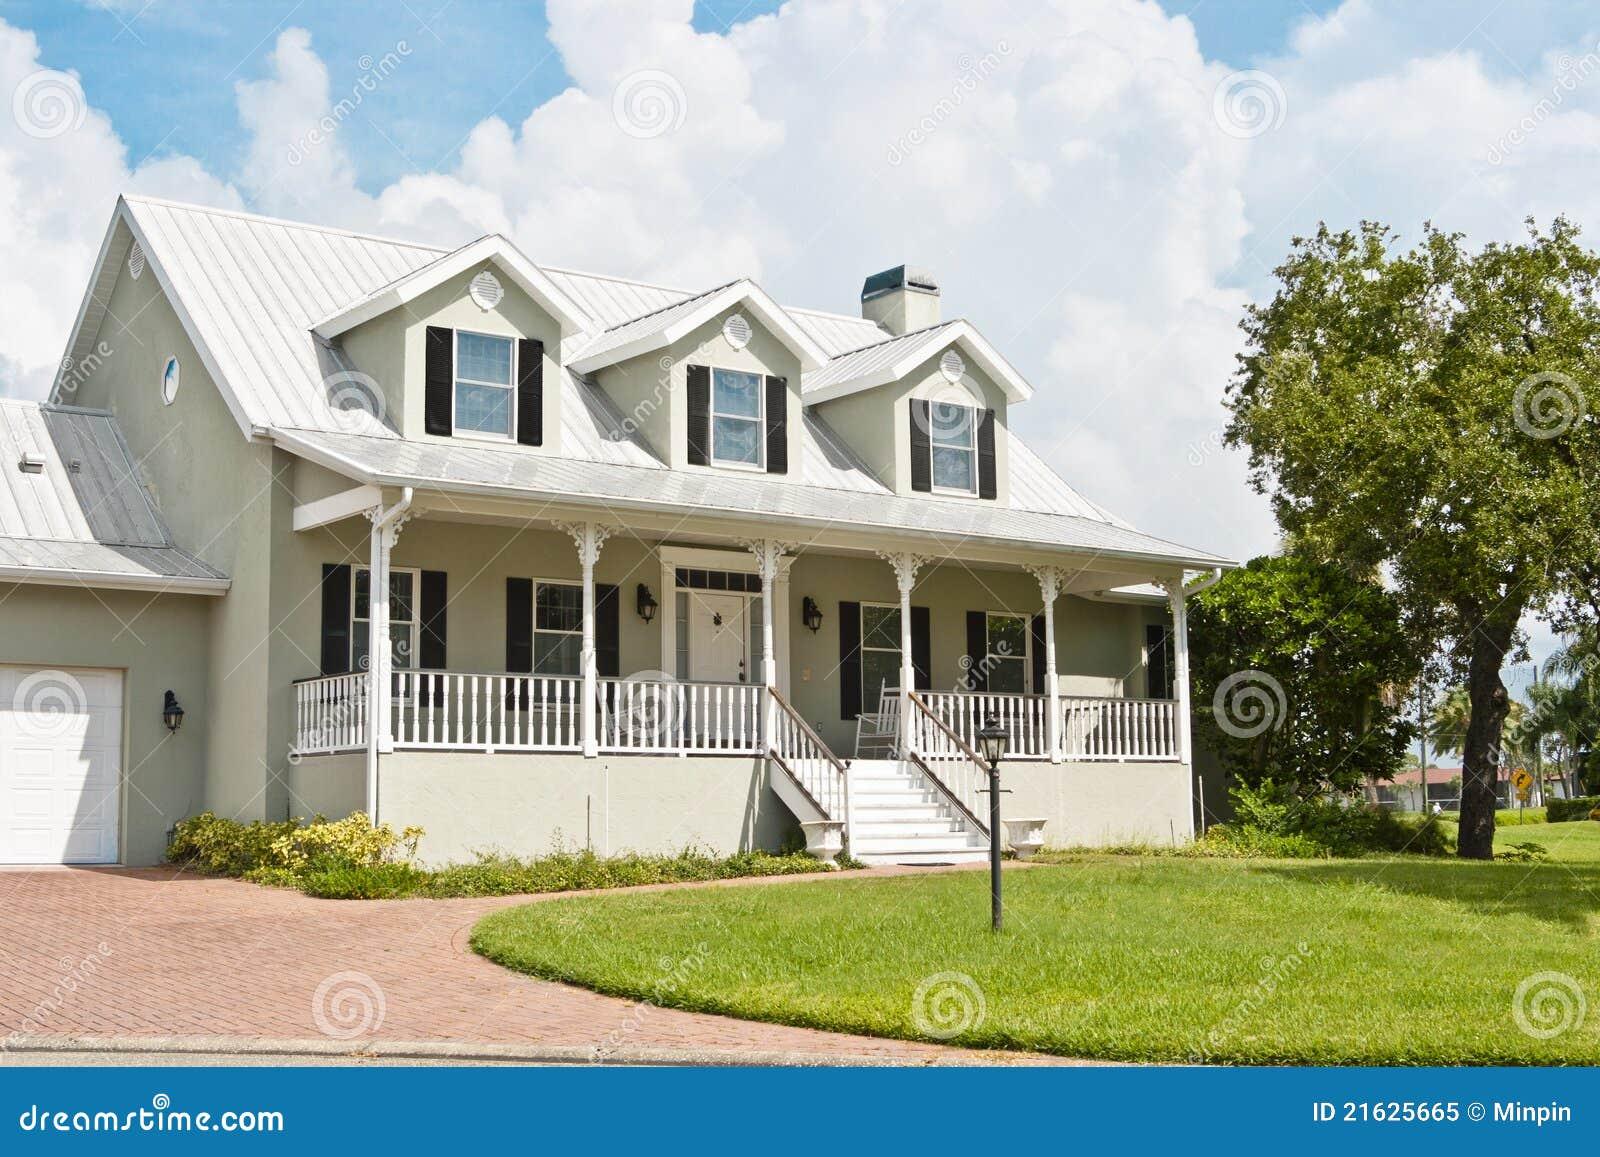 maison avec le porche et le dormer windows photo libre de droits image 21625665. Black Bedroom Furniture Sets. Home Design Ideas